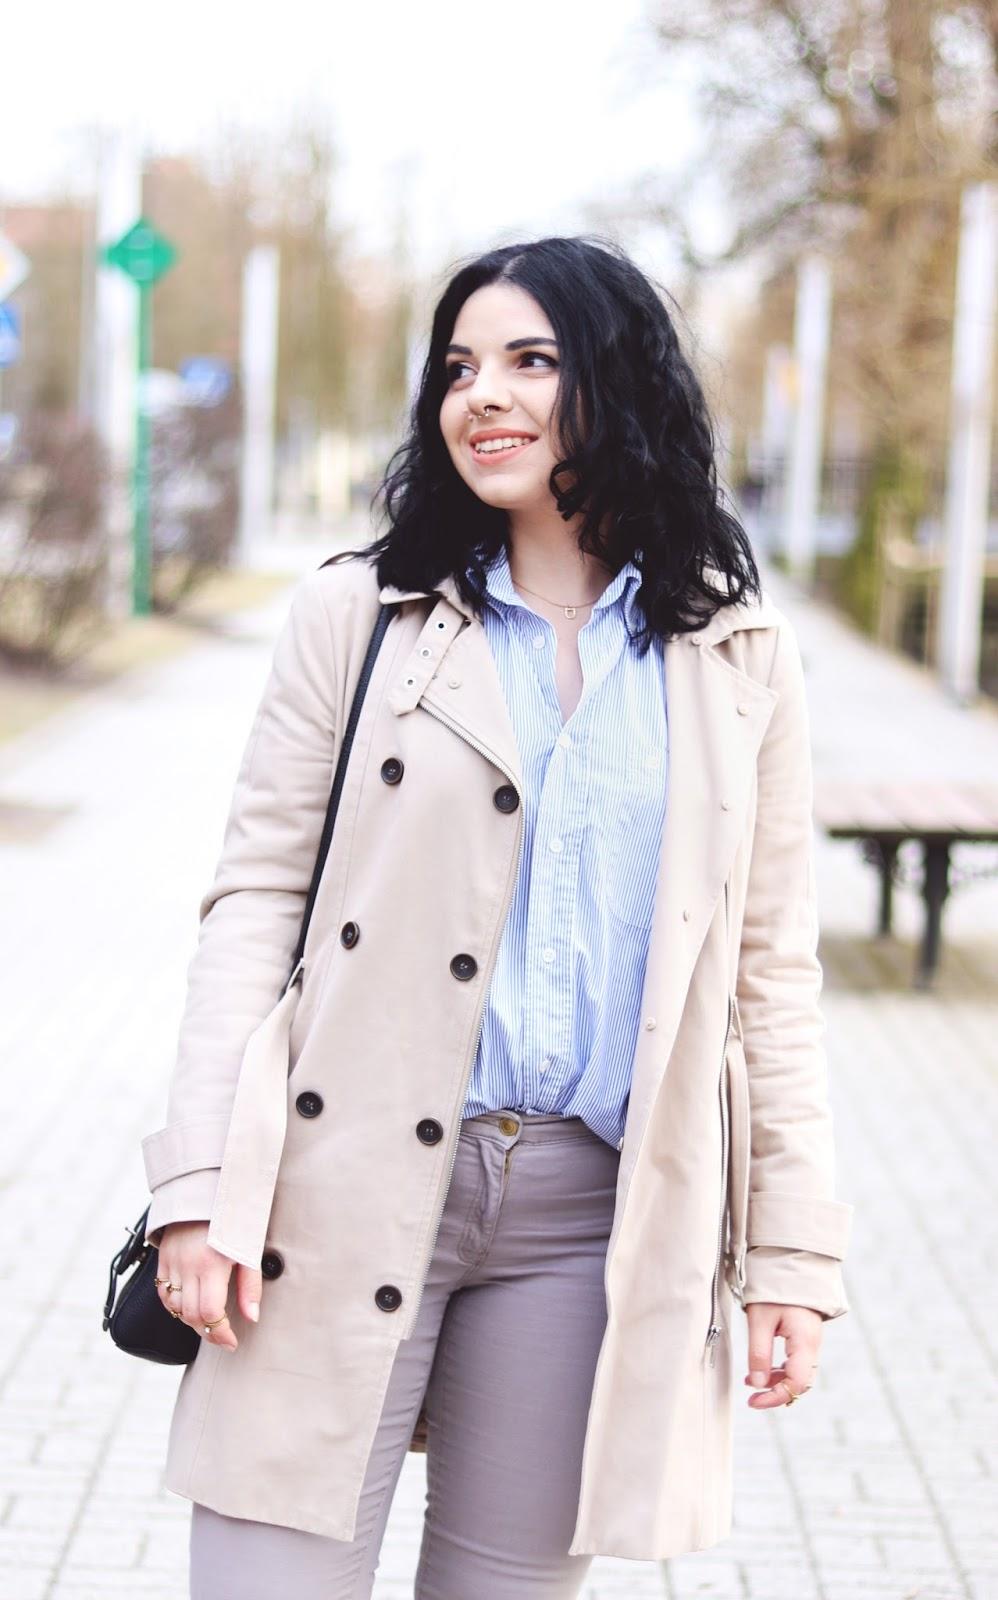 stylizacja w kolorach brązu i beżu - beżowy płaszcz połączony z błękitną koszulą w paski